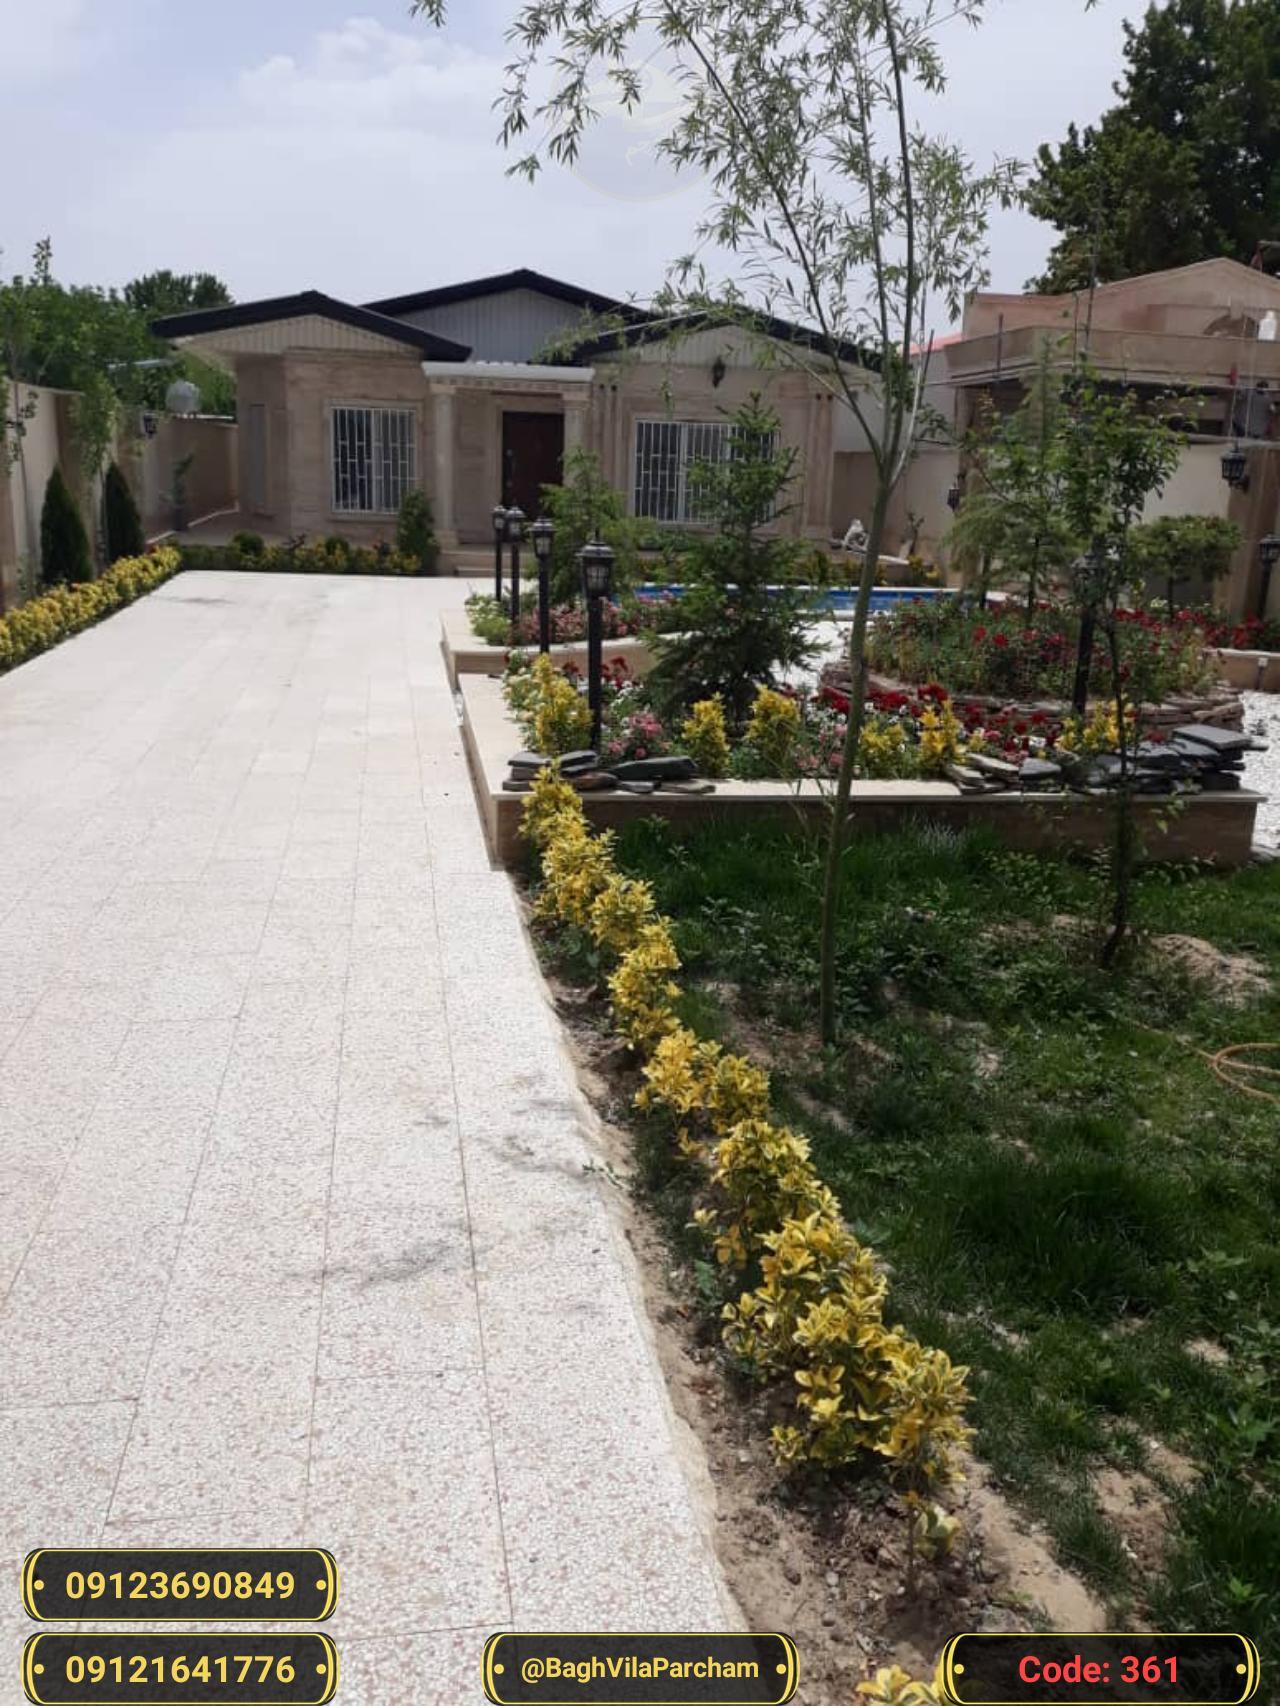 تصویر عکس باغ ویلا شماره 13 از ویلای ۵۰۰ متر ویلا Picture photo image 13 of ۵۰۰ متر ویلا